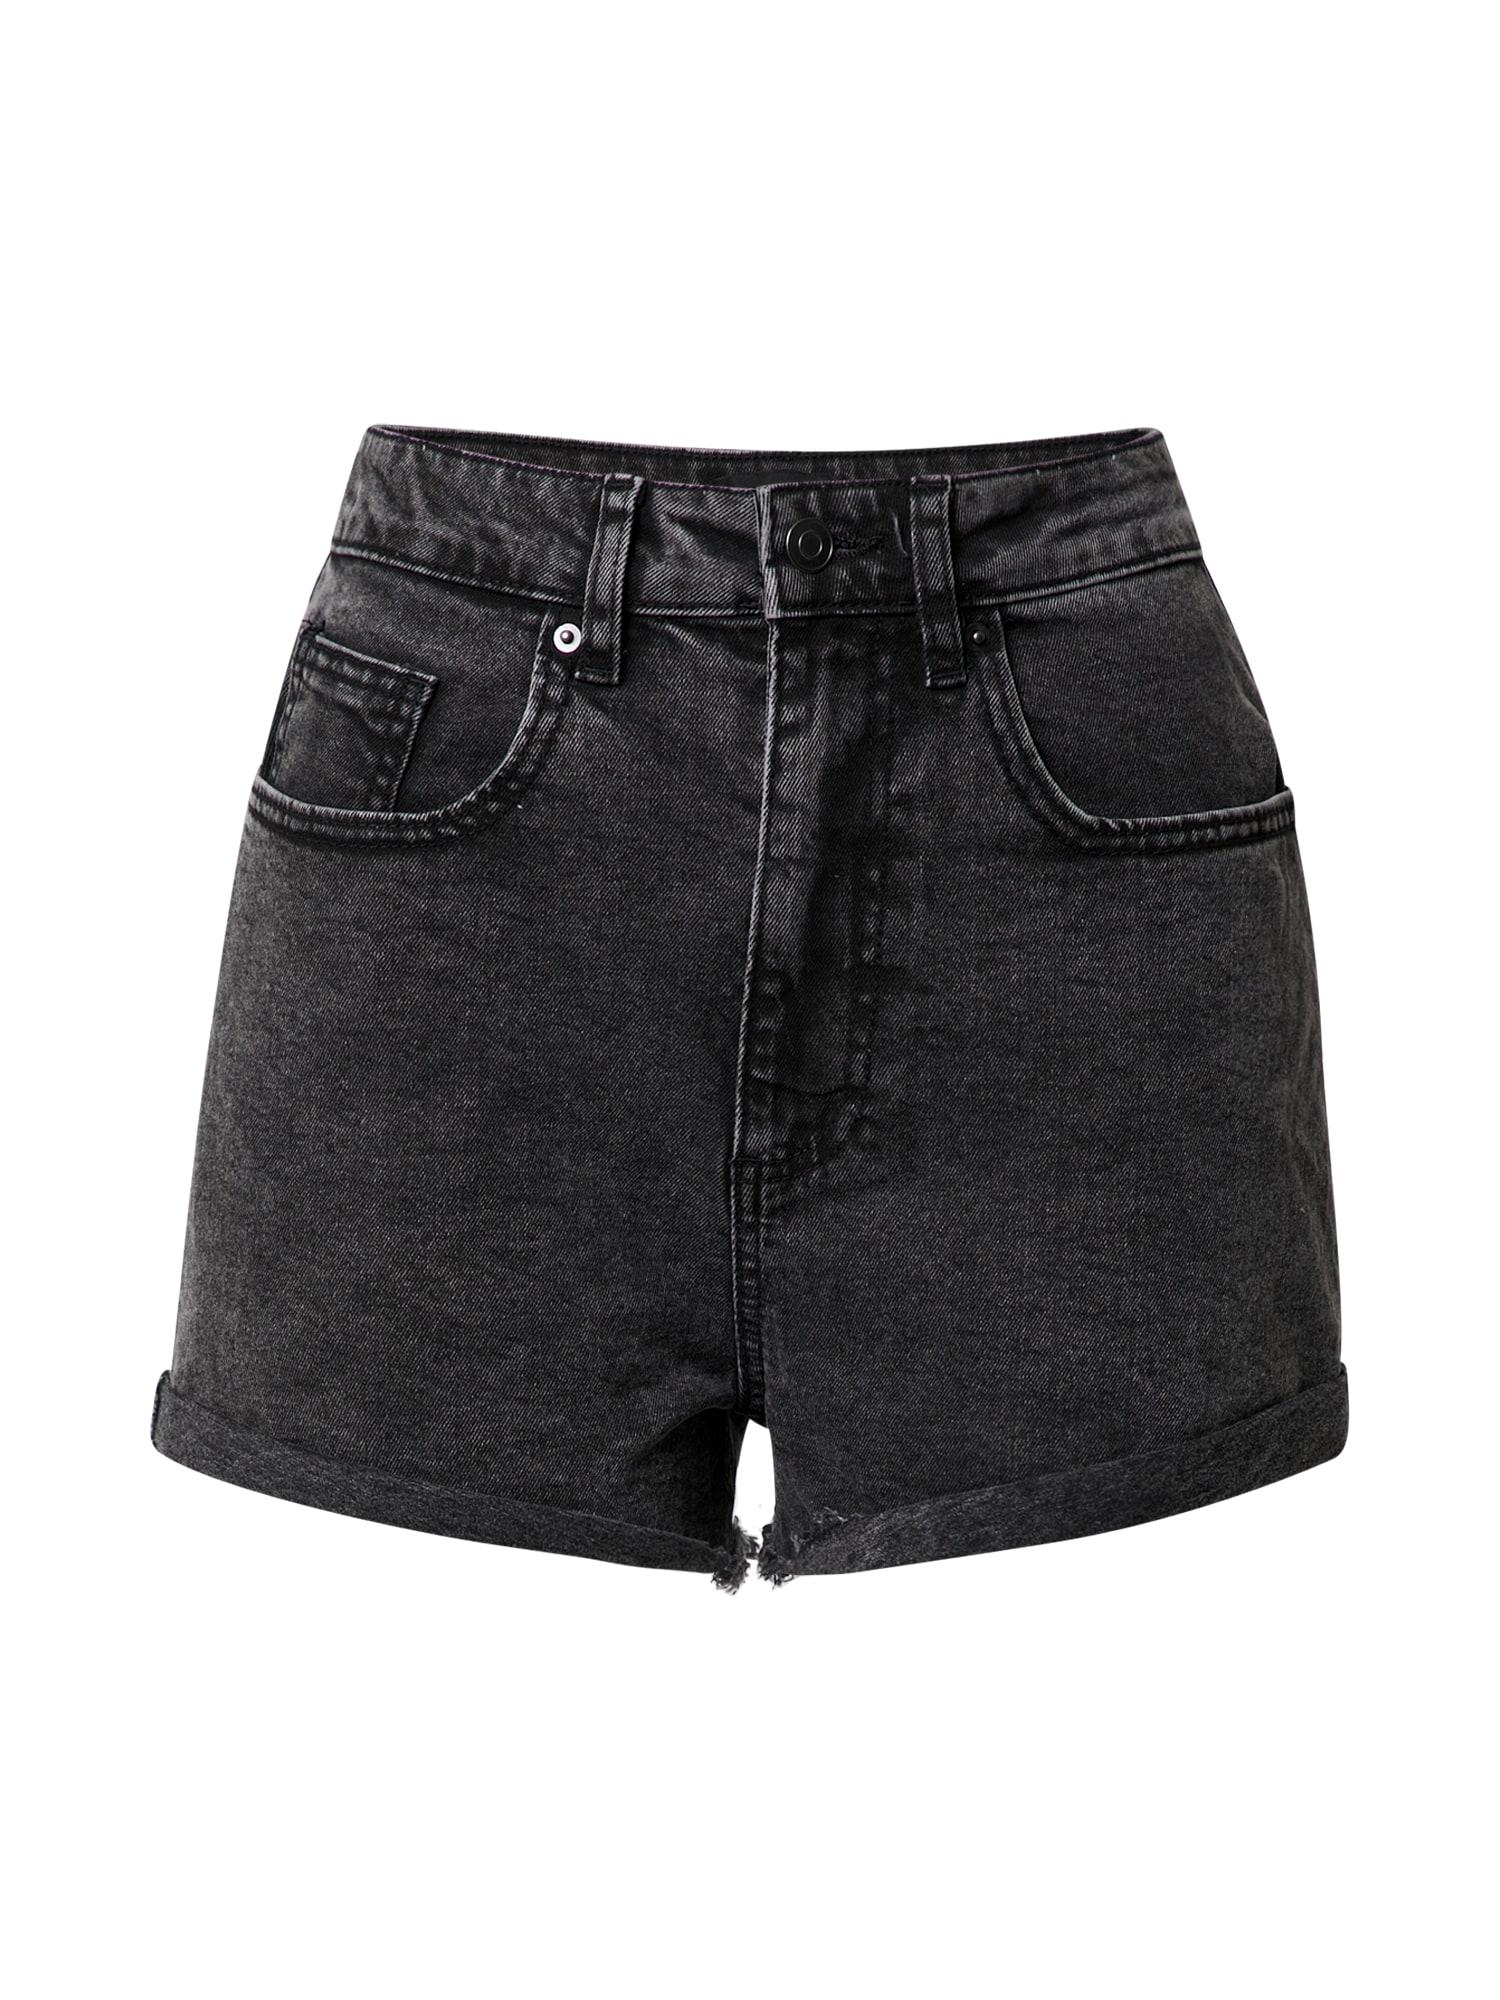 SISTERS POINT Džinsai juodo džinso spalva